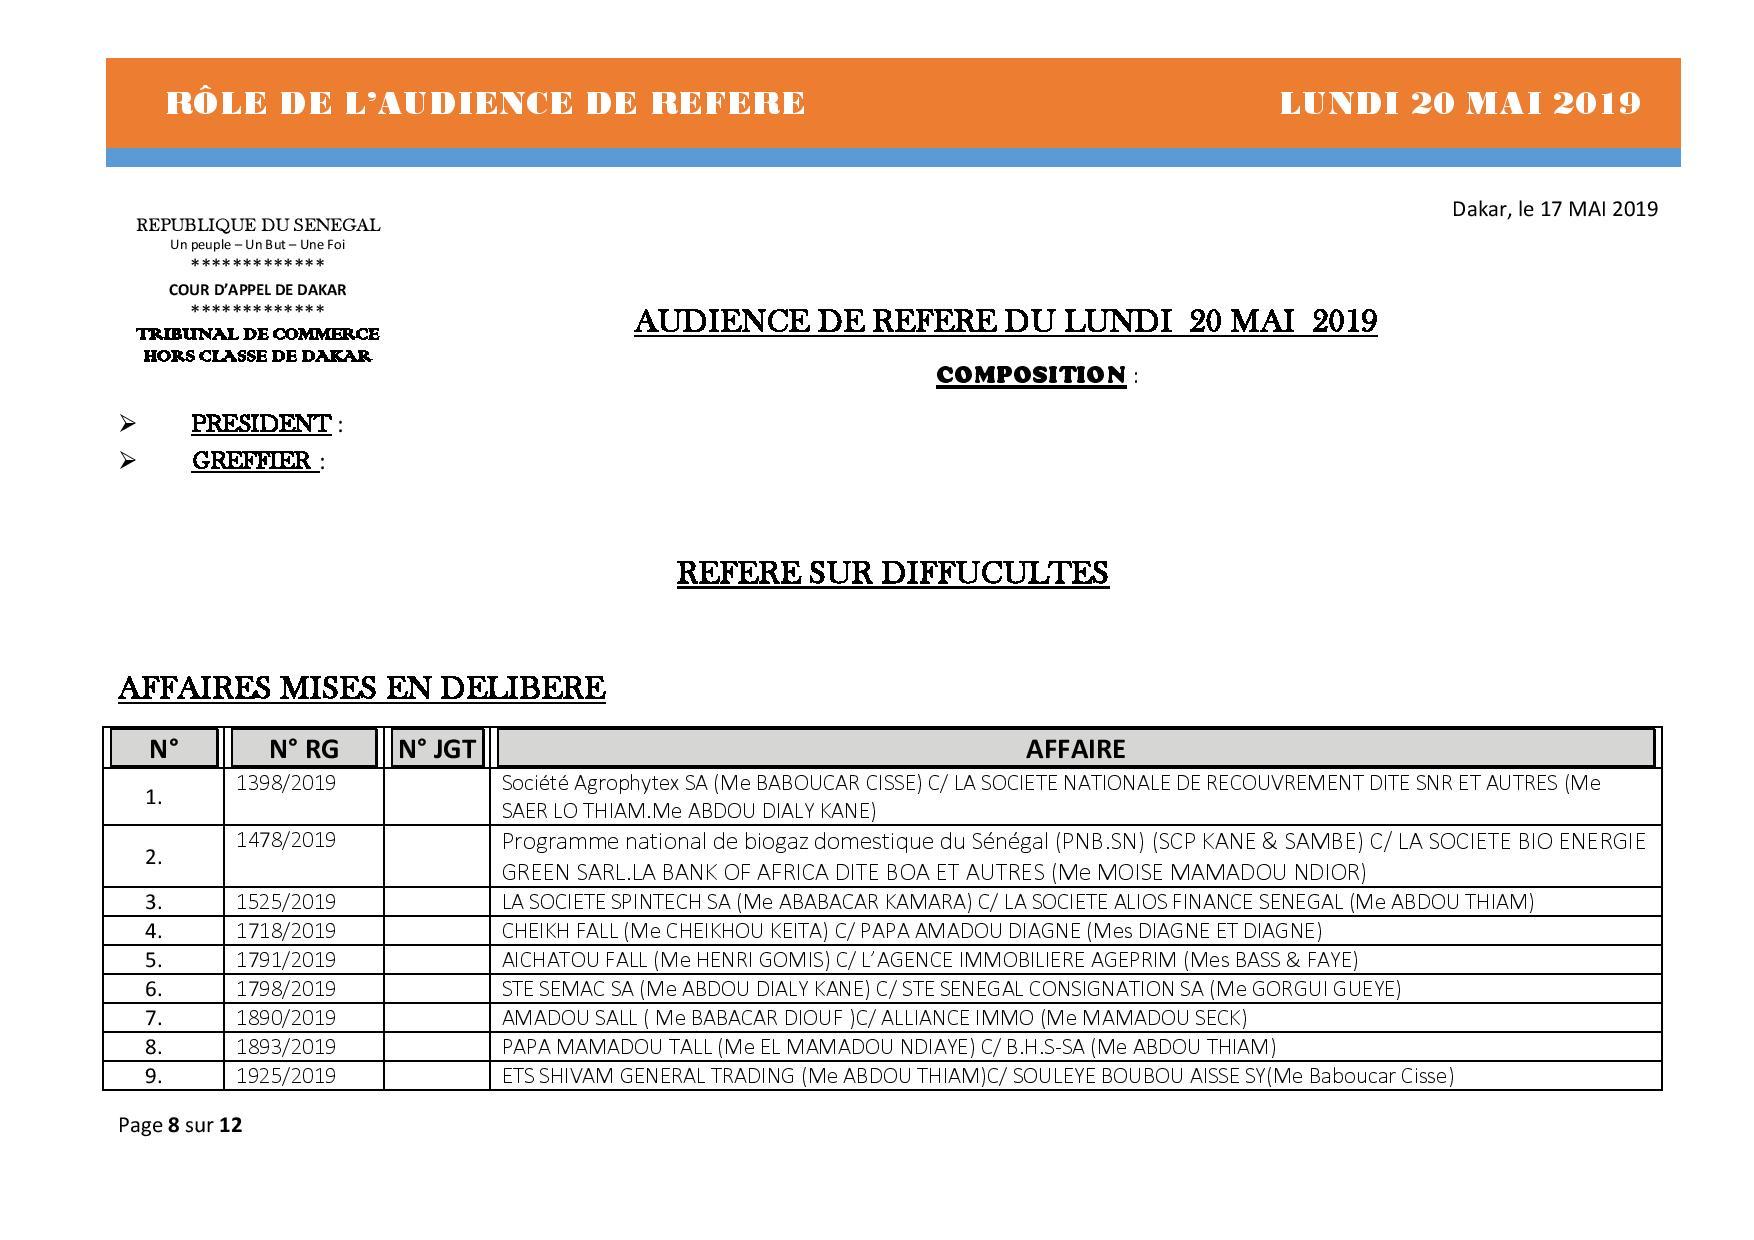 Rôle de l'audience de référé du Tribunal de Commerce hors classe de Dakar du 20 mai 2019